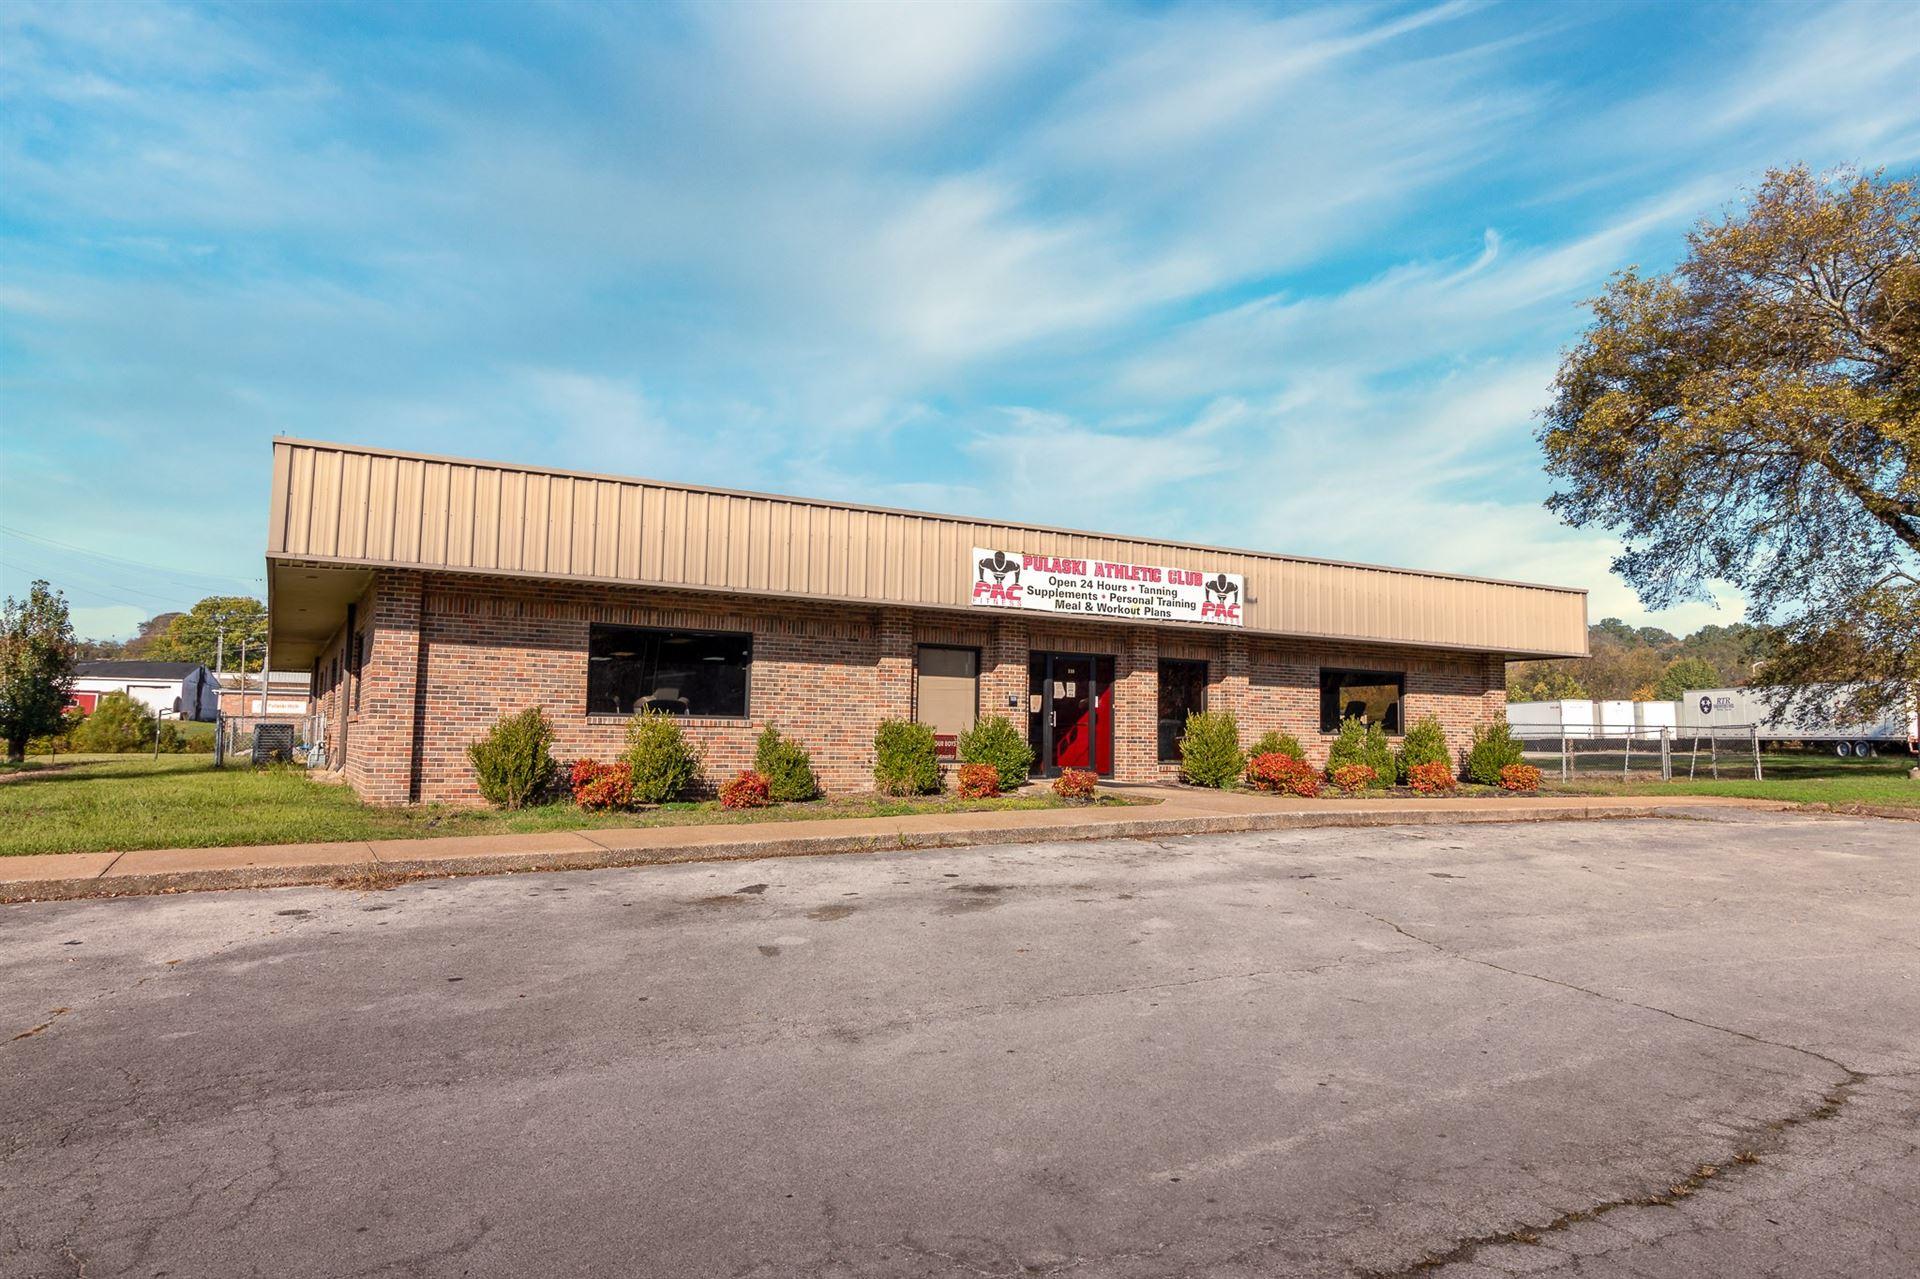 Photo of 110 N 8th St, Pulaski, TN 38478 (MLS # 2201631)